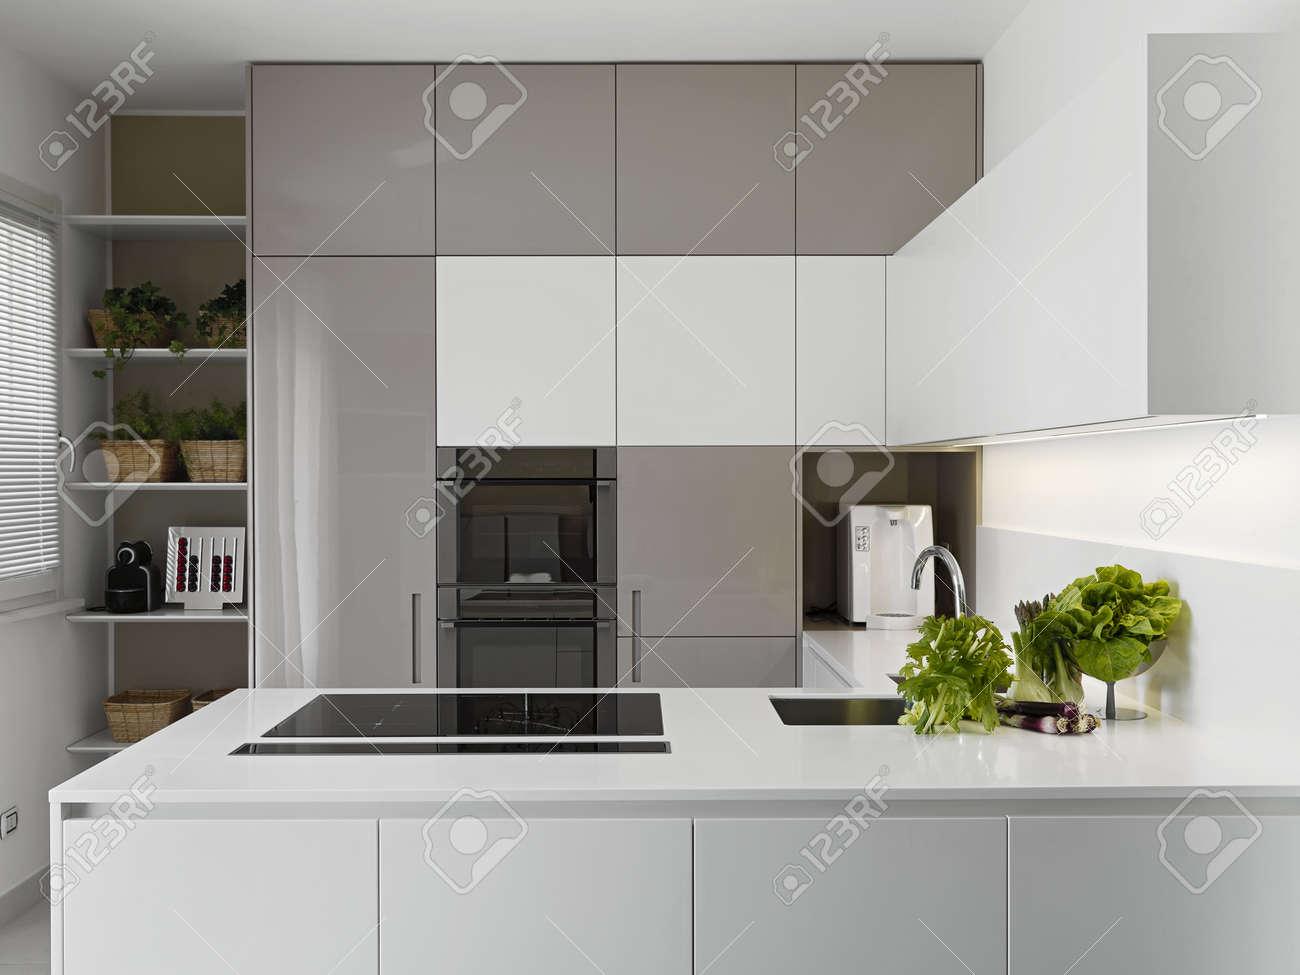 Cucina Moderna Con Vgetables Sul Piano Di Lavoro Bianco Foto ...